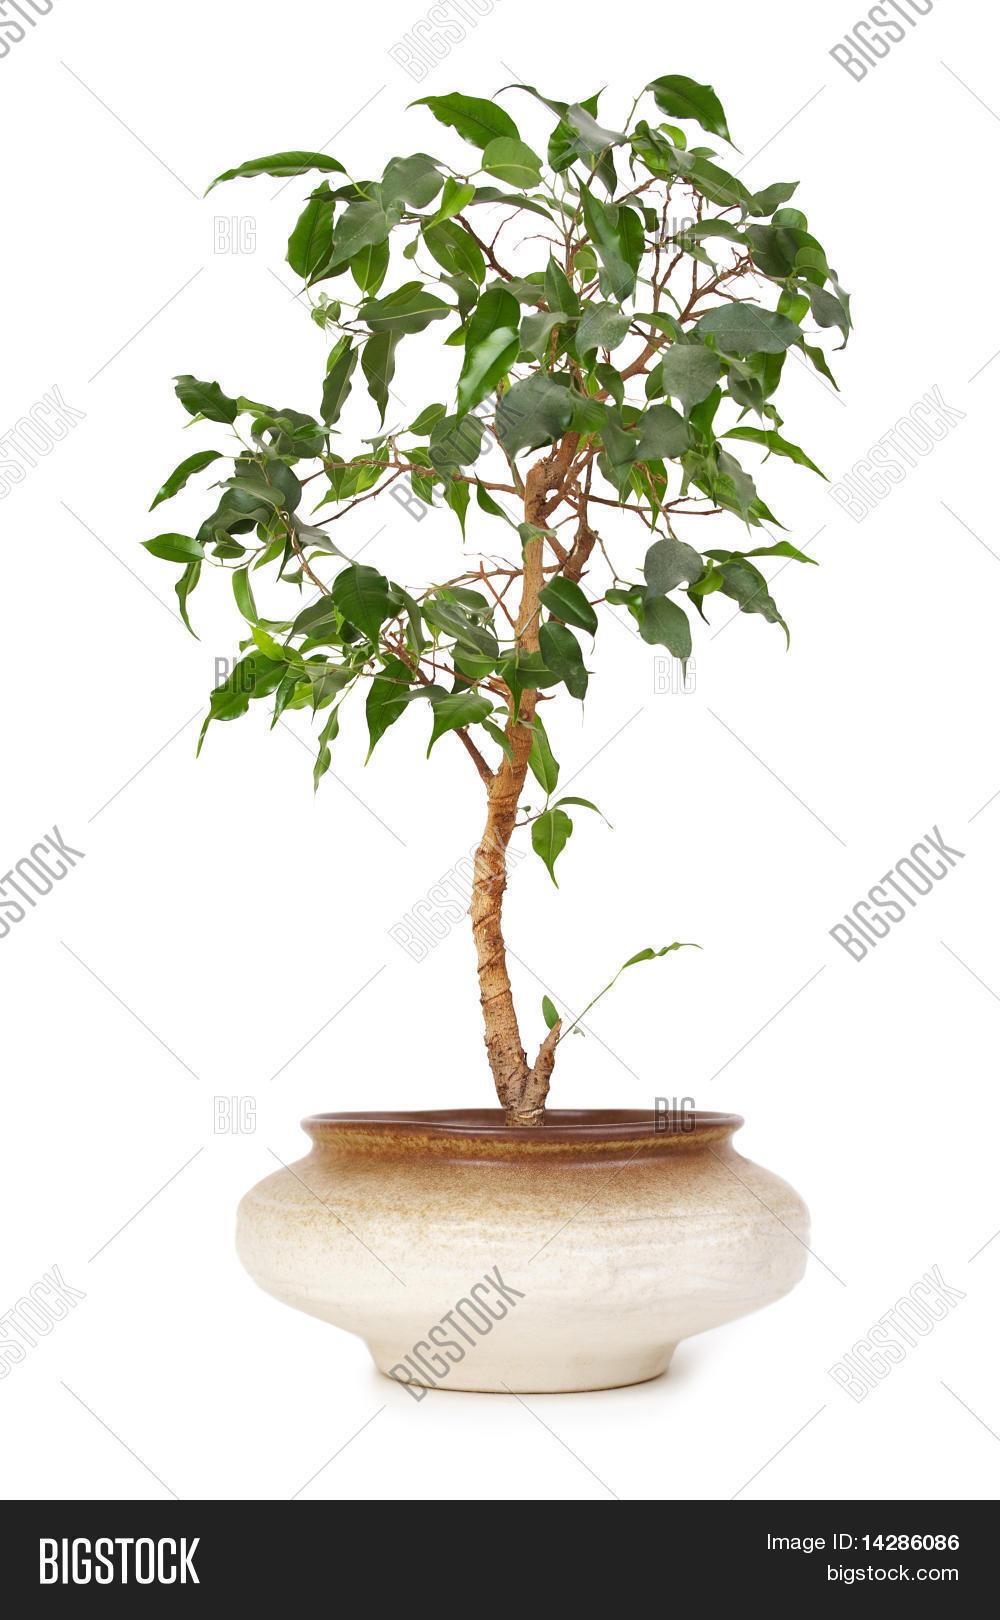 Planta de interior ficus benjamina en maceta de arcilla - Ficus benjamina precio ...